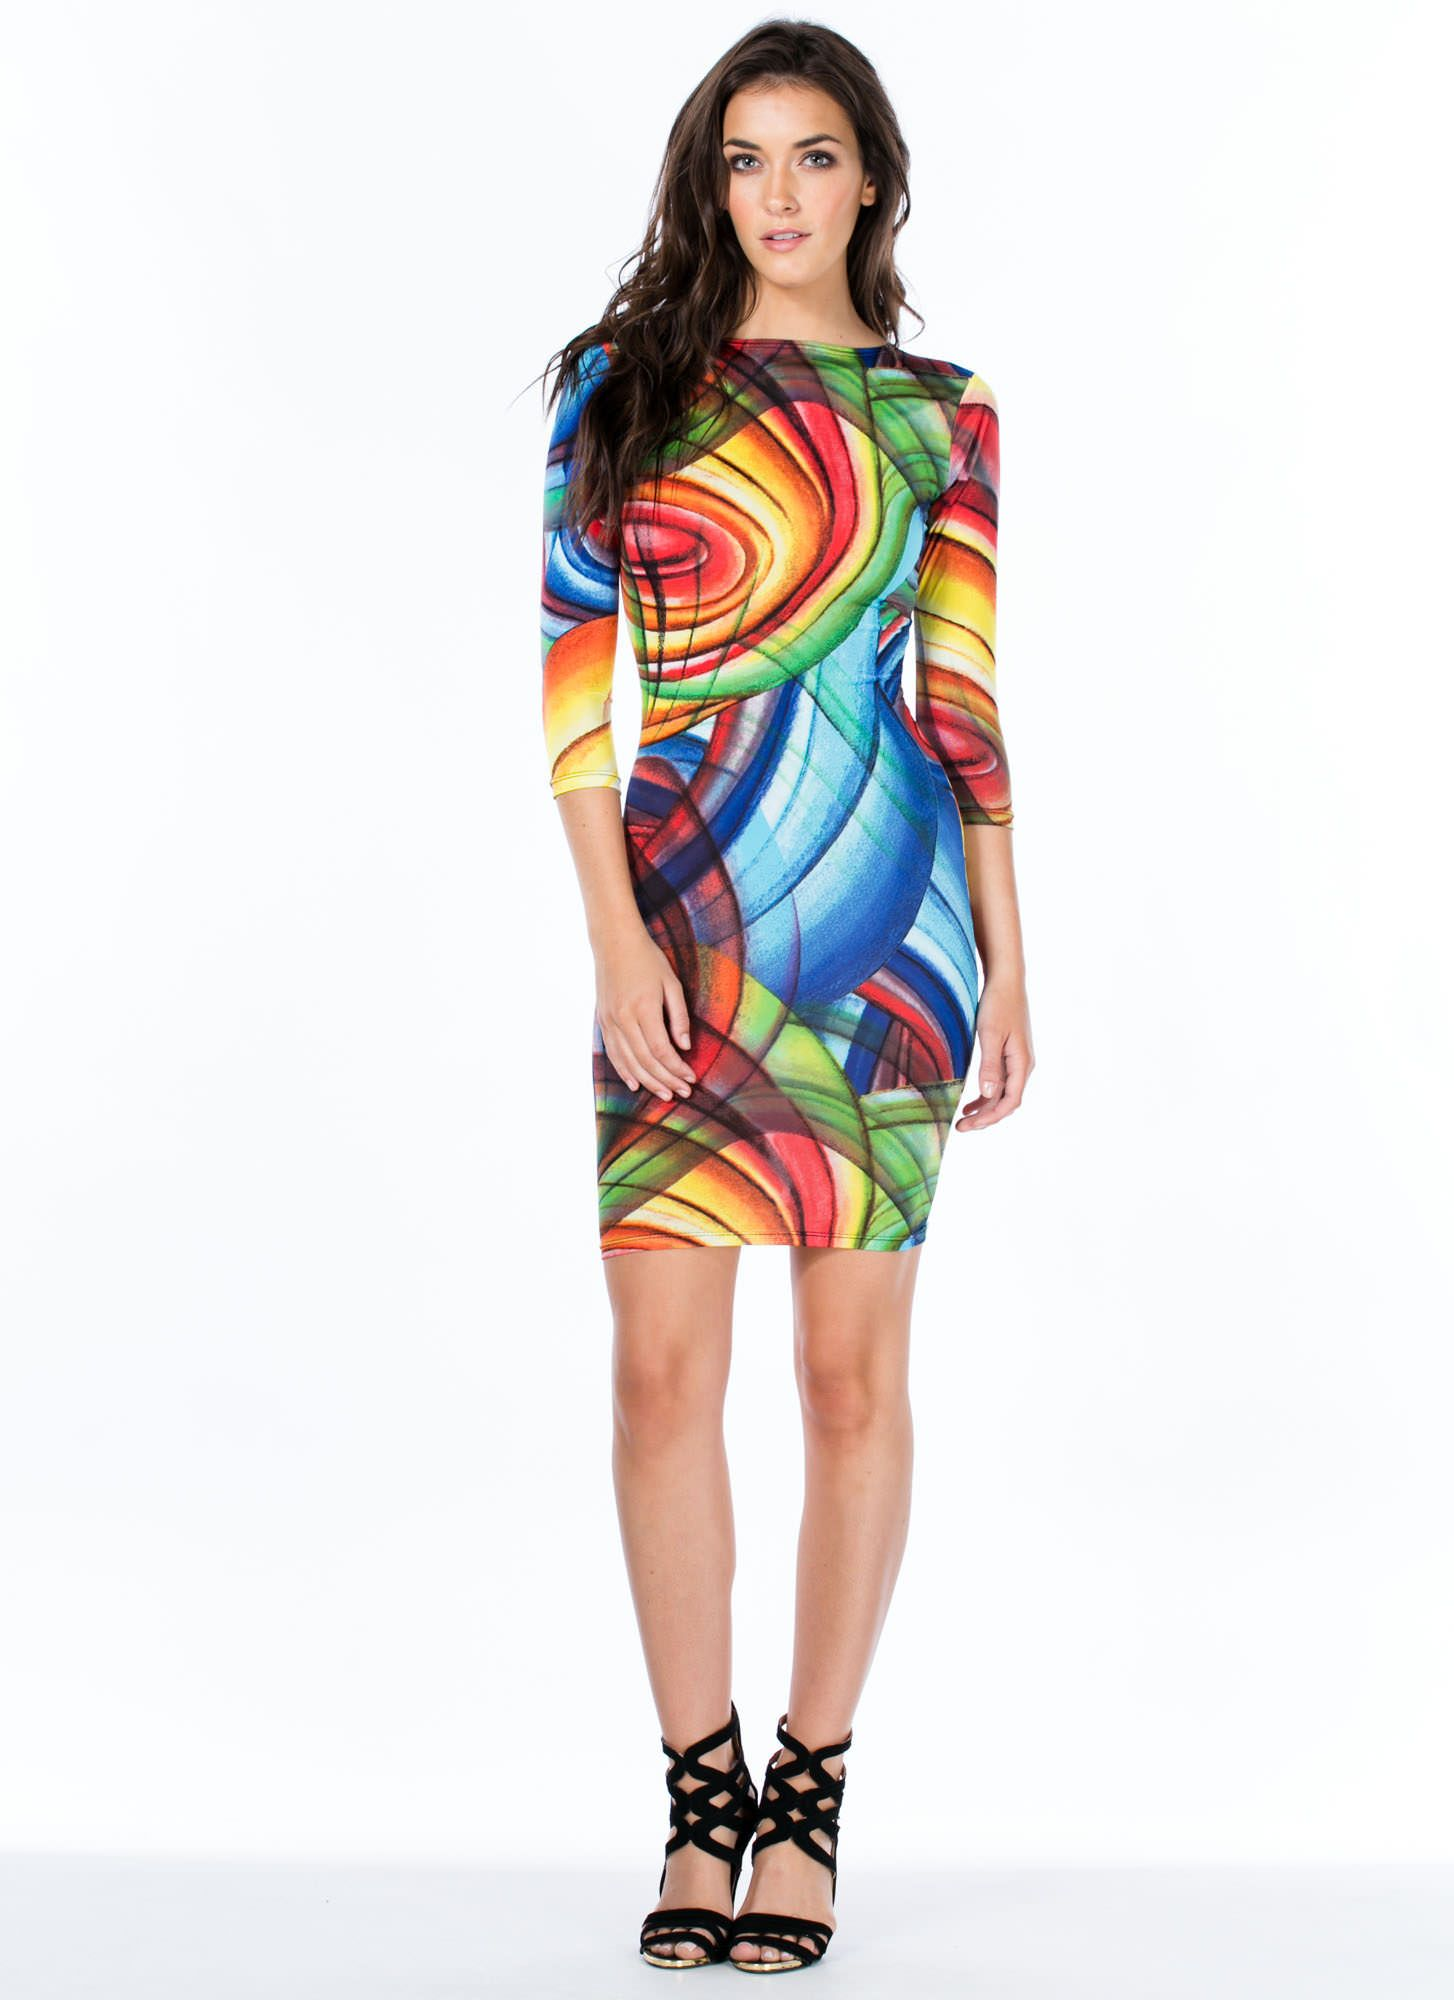 Give It A Swirl Bodycon Dress - GoJane.com   My Style   Bodycon ...